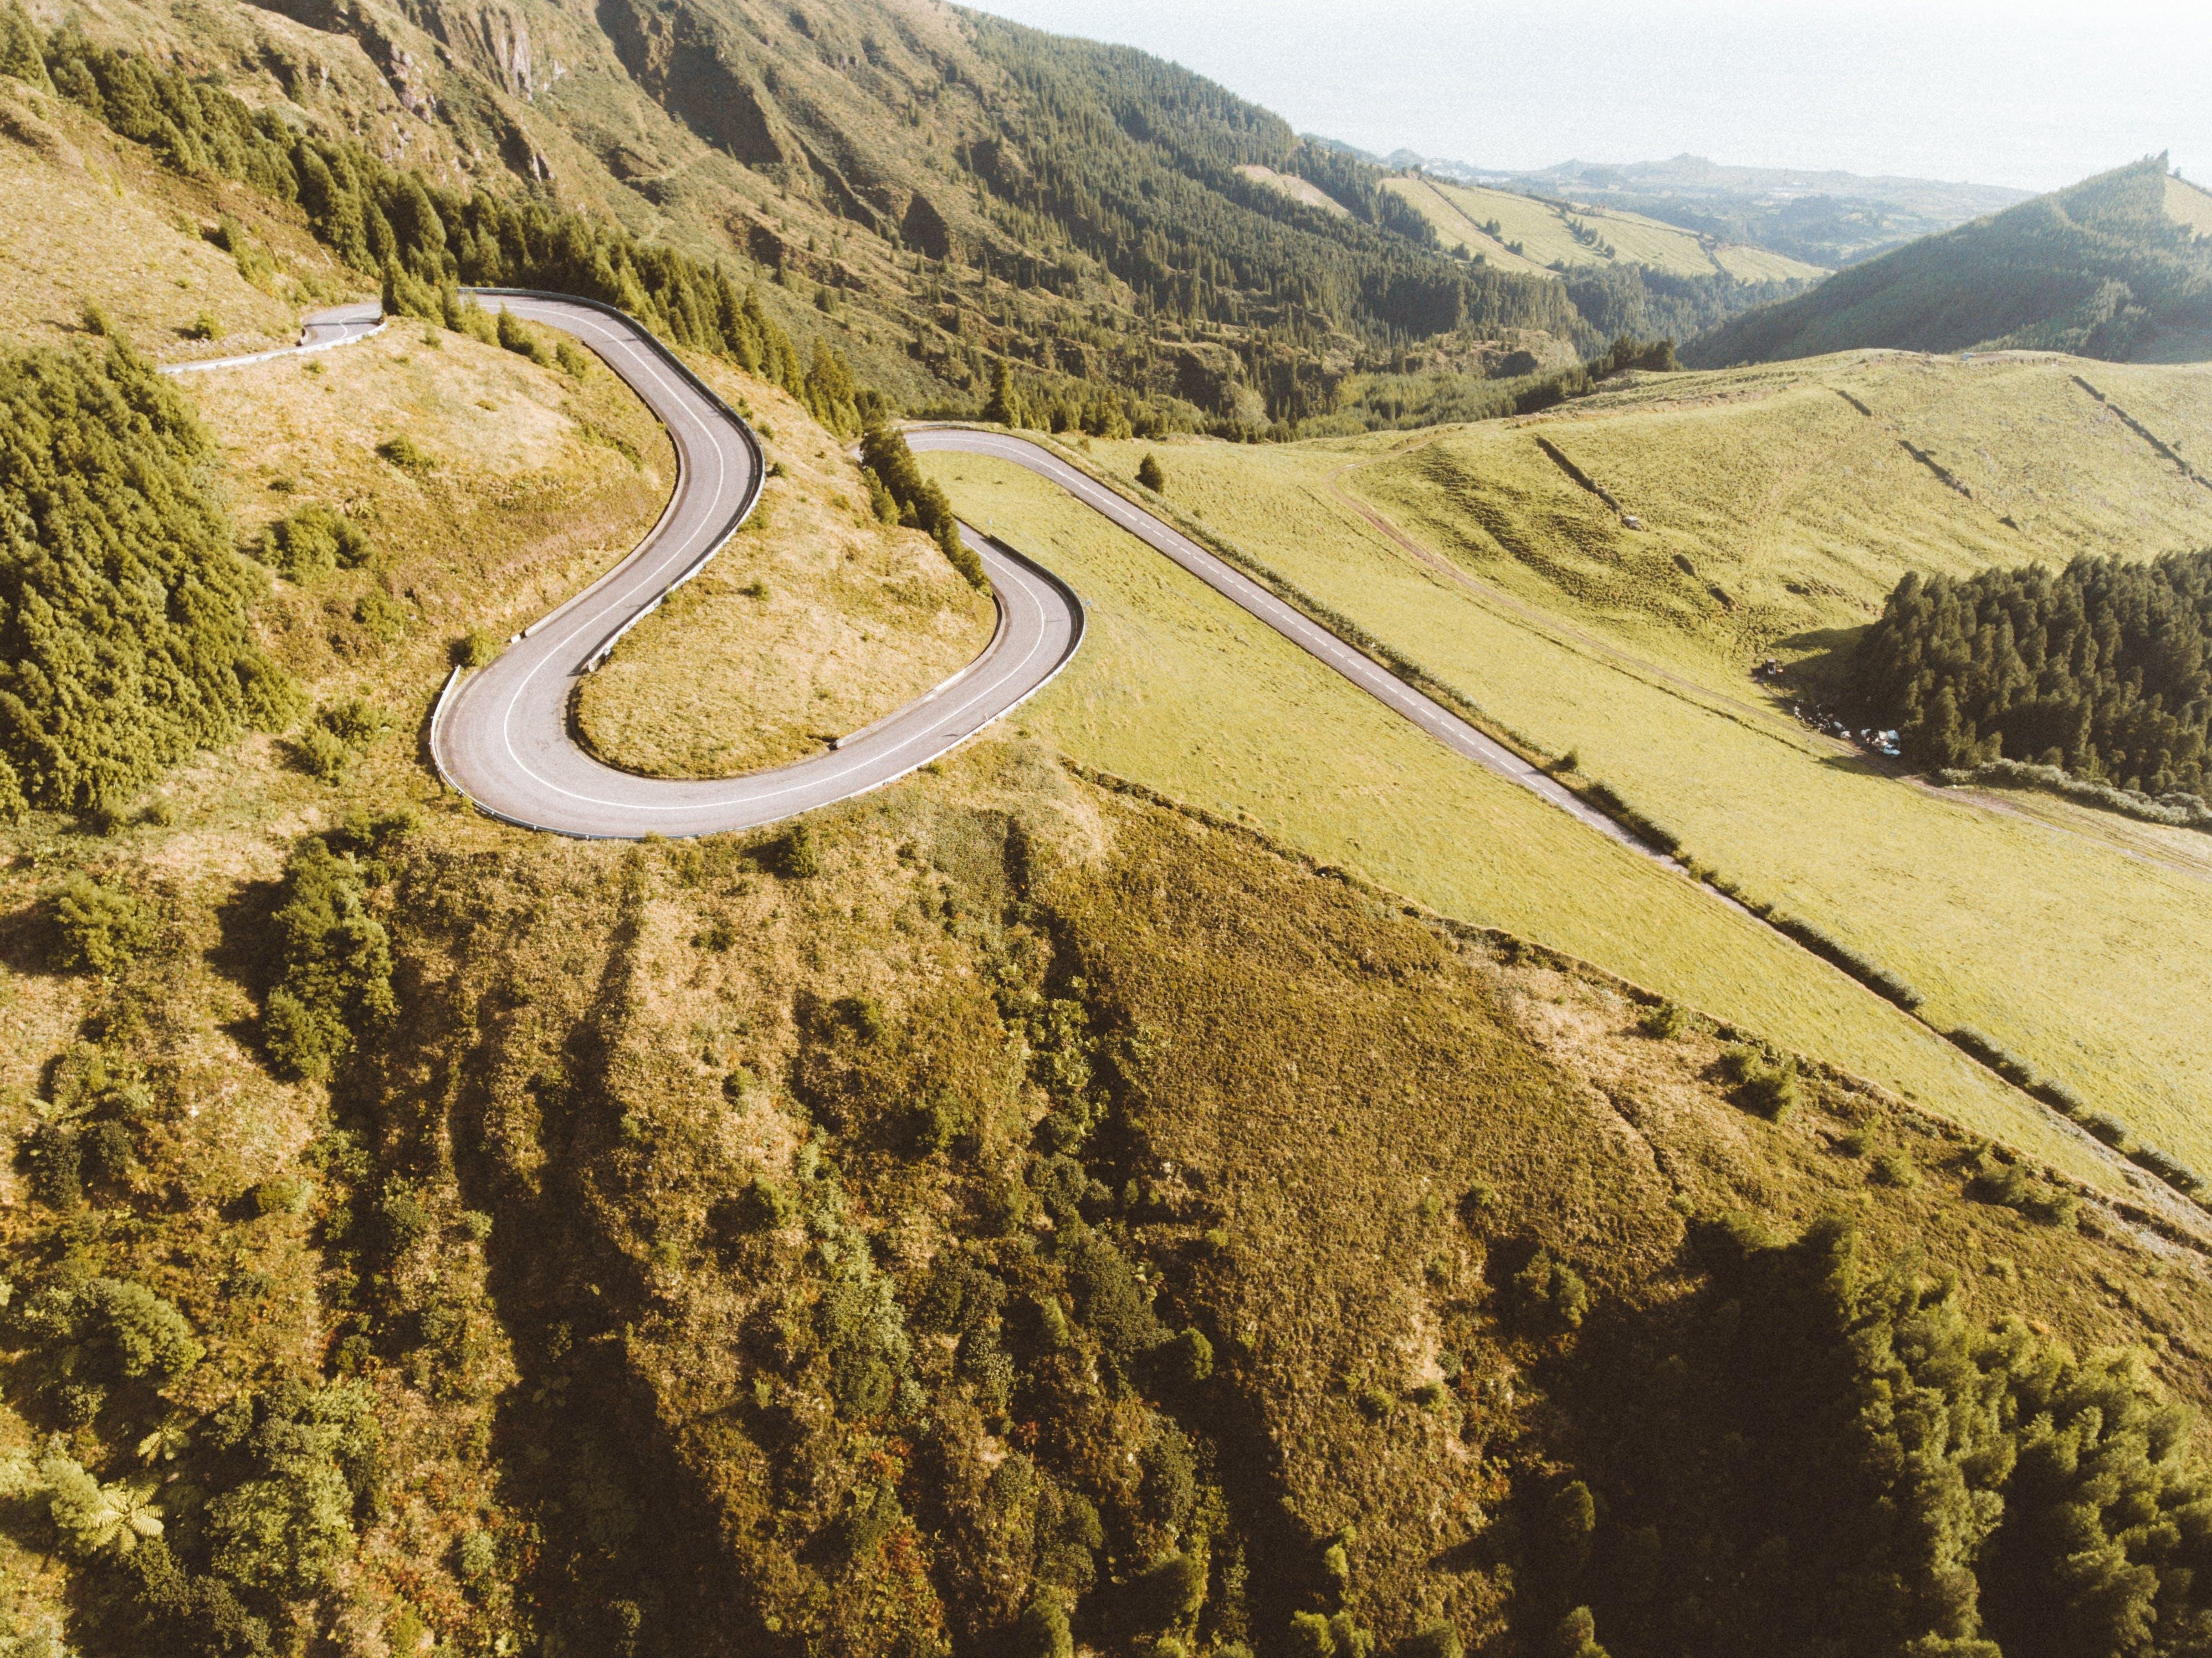 Δωρεάν στοκ φωτογραφιών με 4k ταπετσαρία, αυτοκινητόδρομος, βουνό, γρασίδι